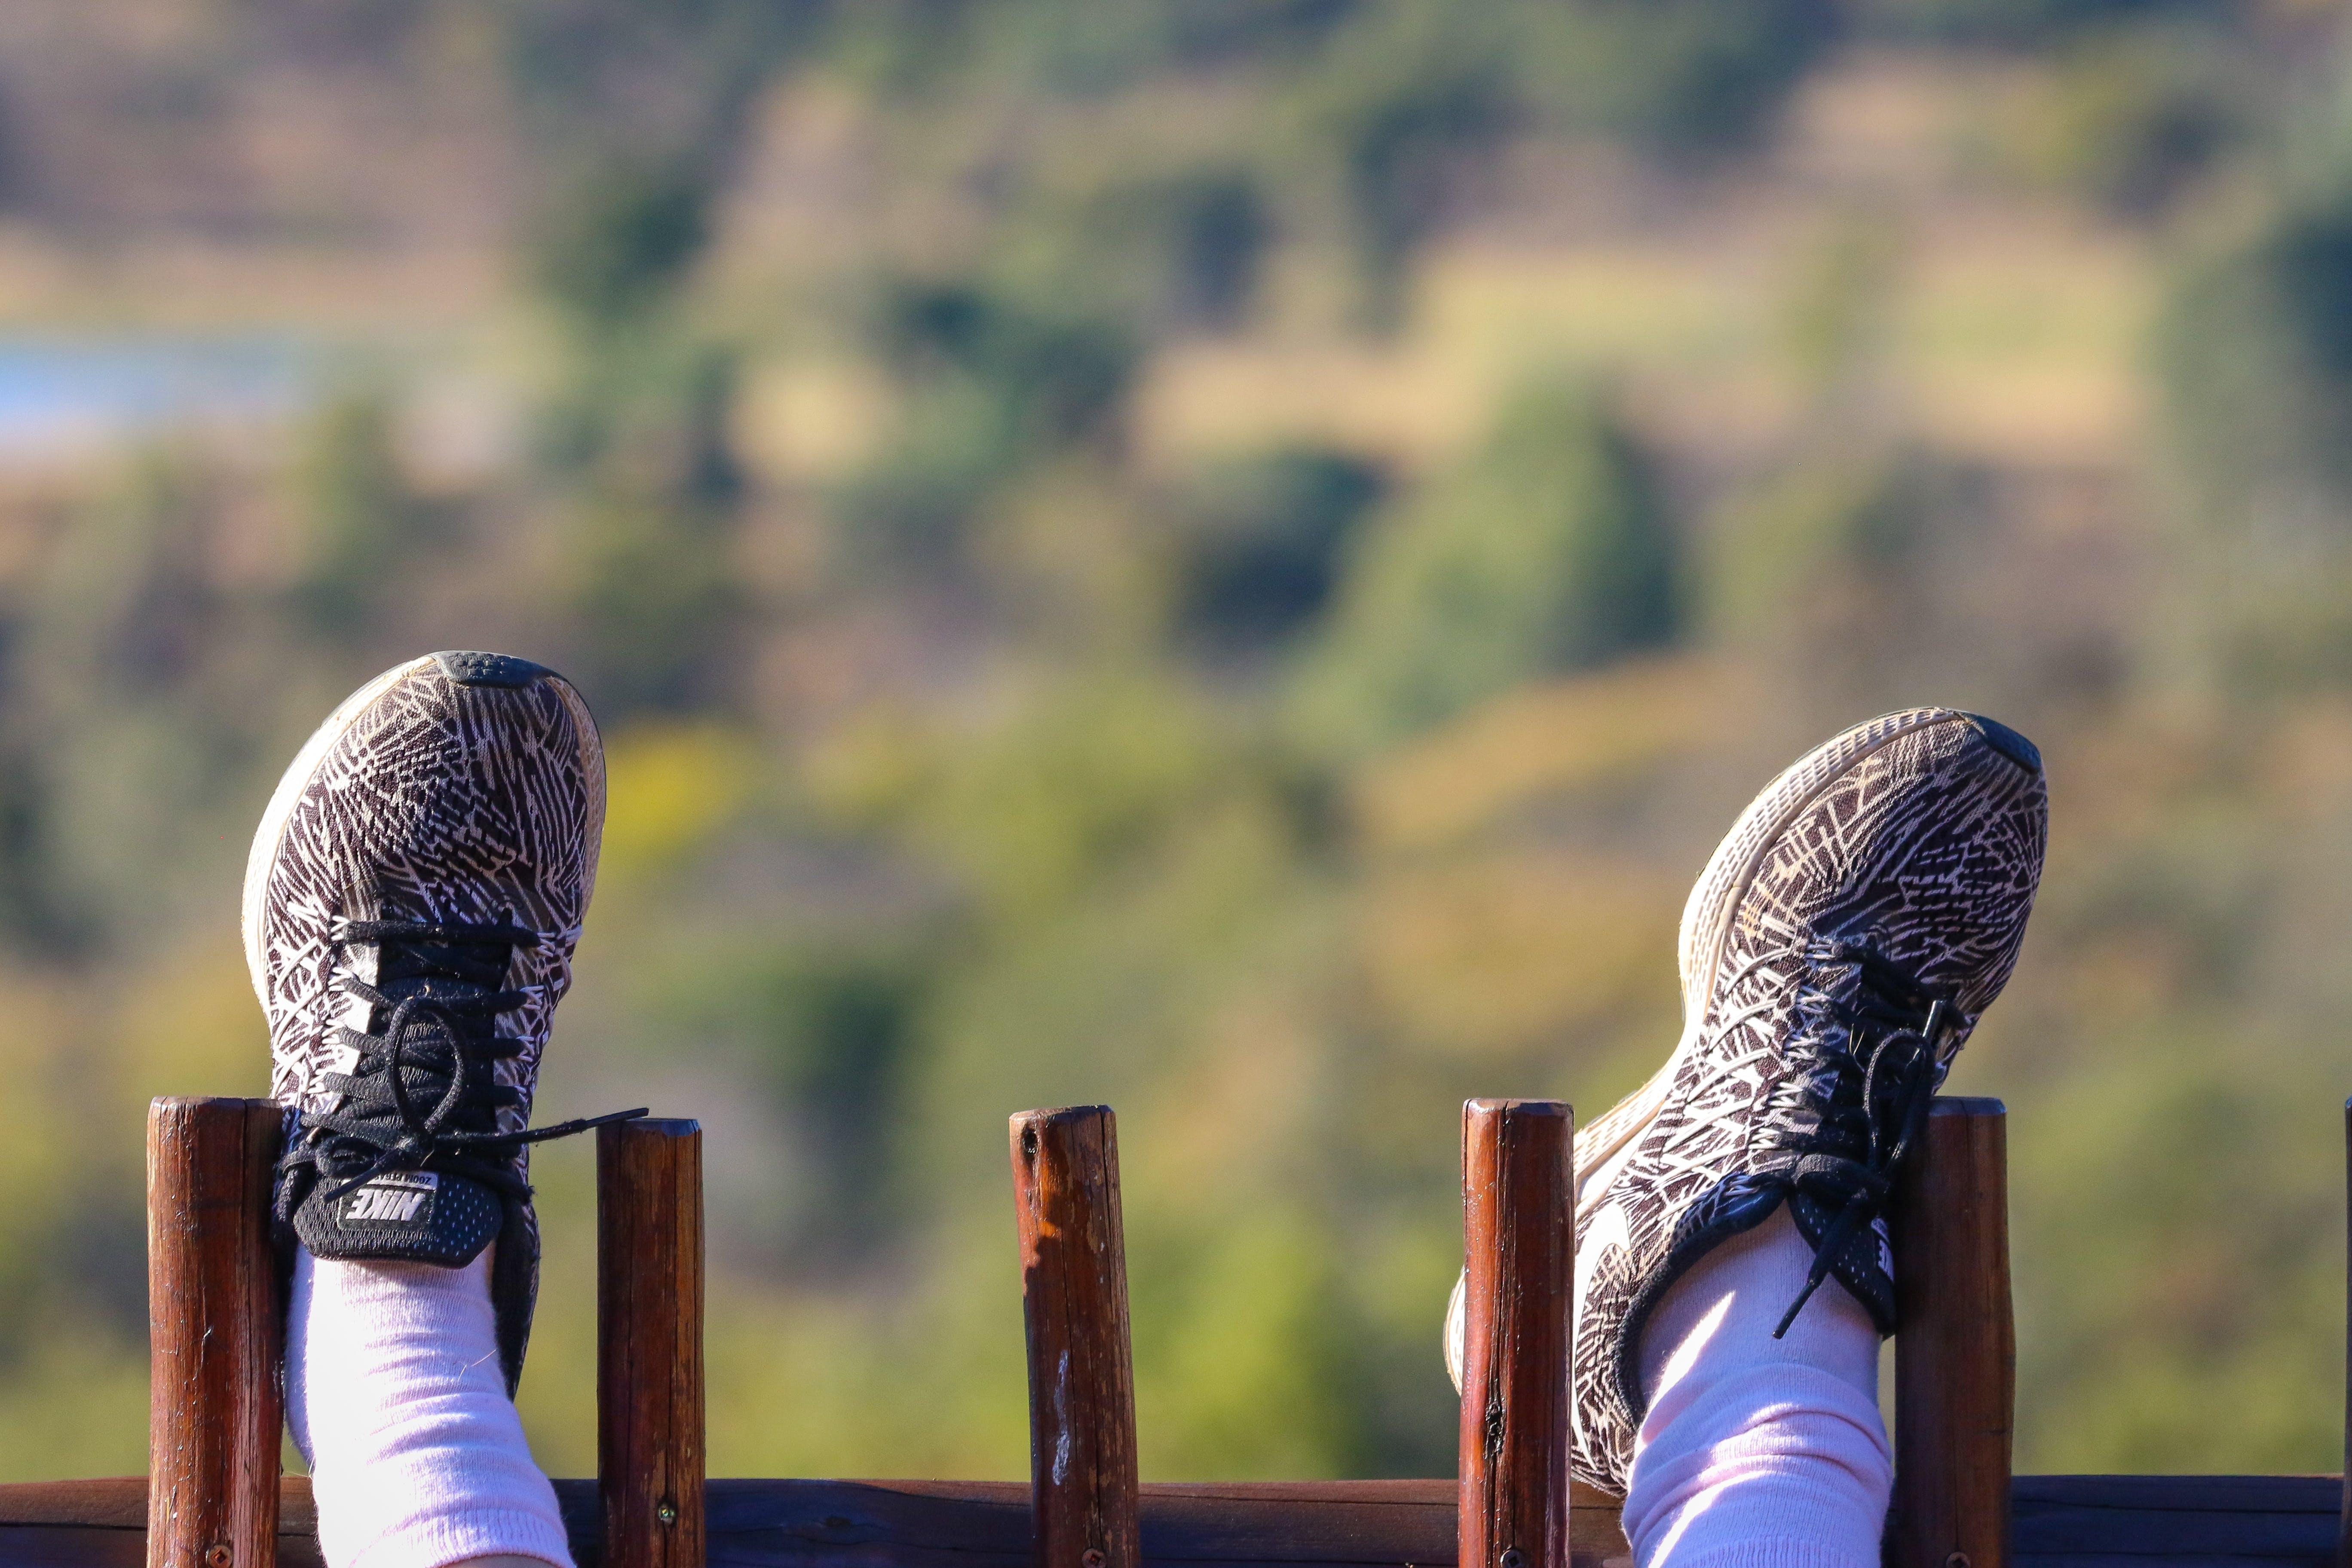 Kostenloses Stock Foto zu bäume, entspannung, fashion, fußbekleidung